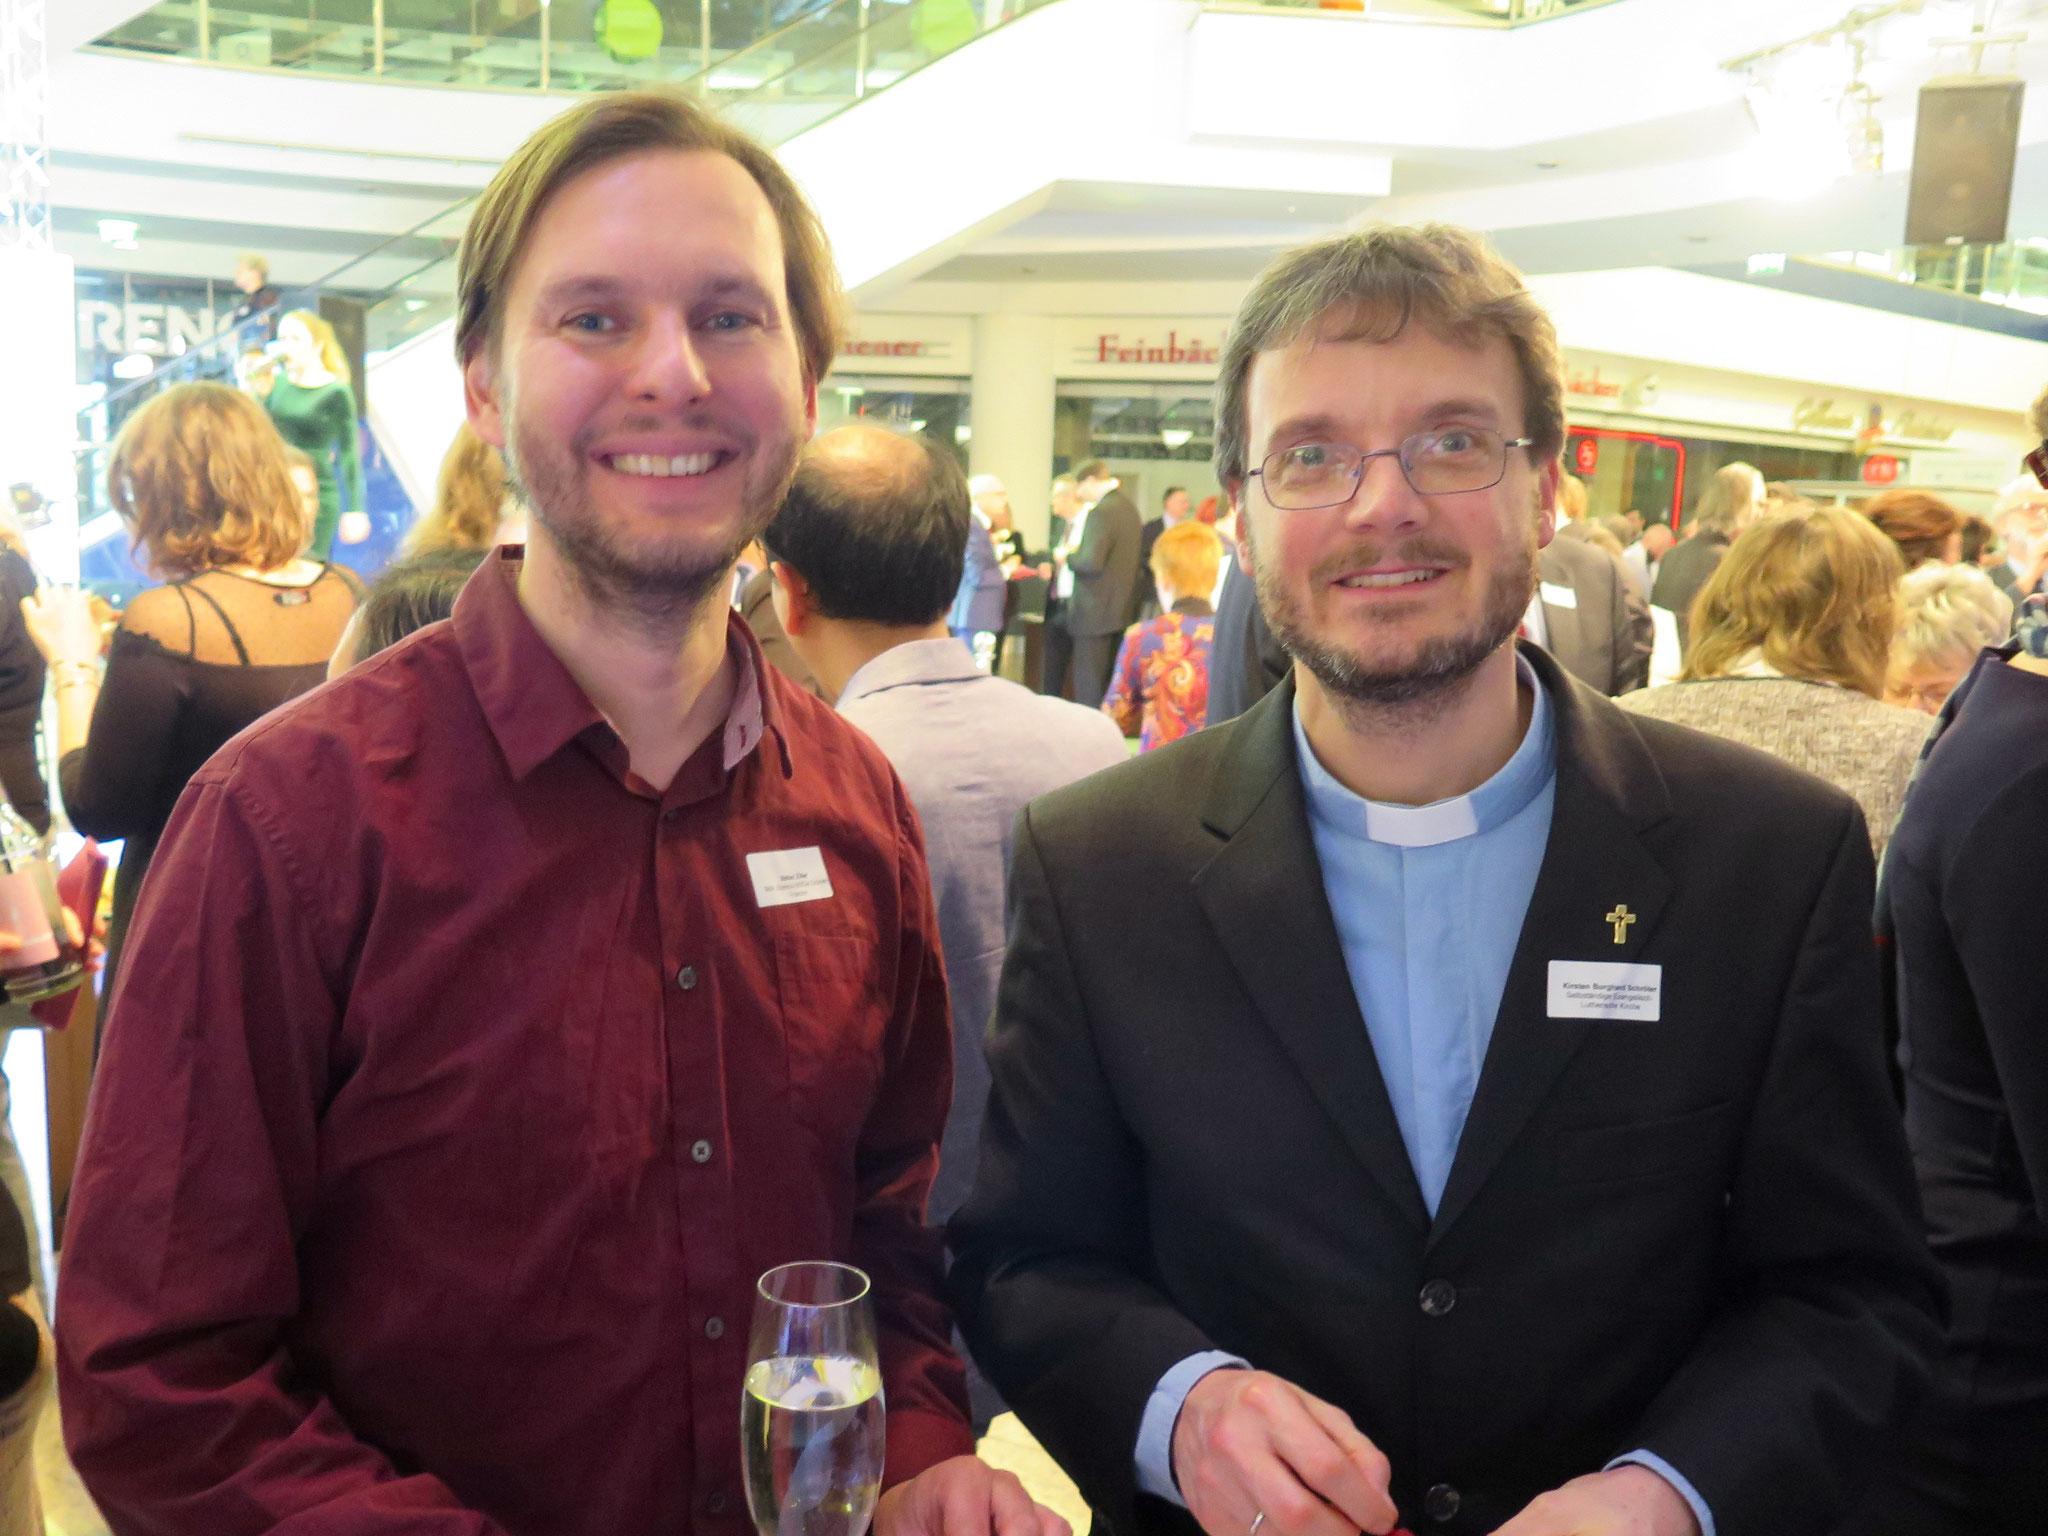 Der Grünen-Abgeordnete Stefan Ziller mit Pfarrer Kirsten Burghard Schröter von der  Selbständigen Evangelisch-Lutherischen Kirche